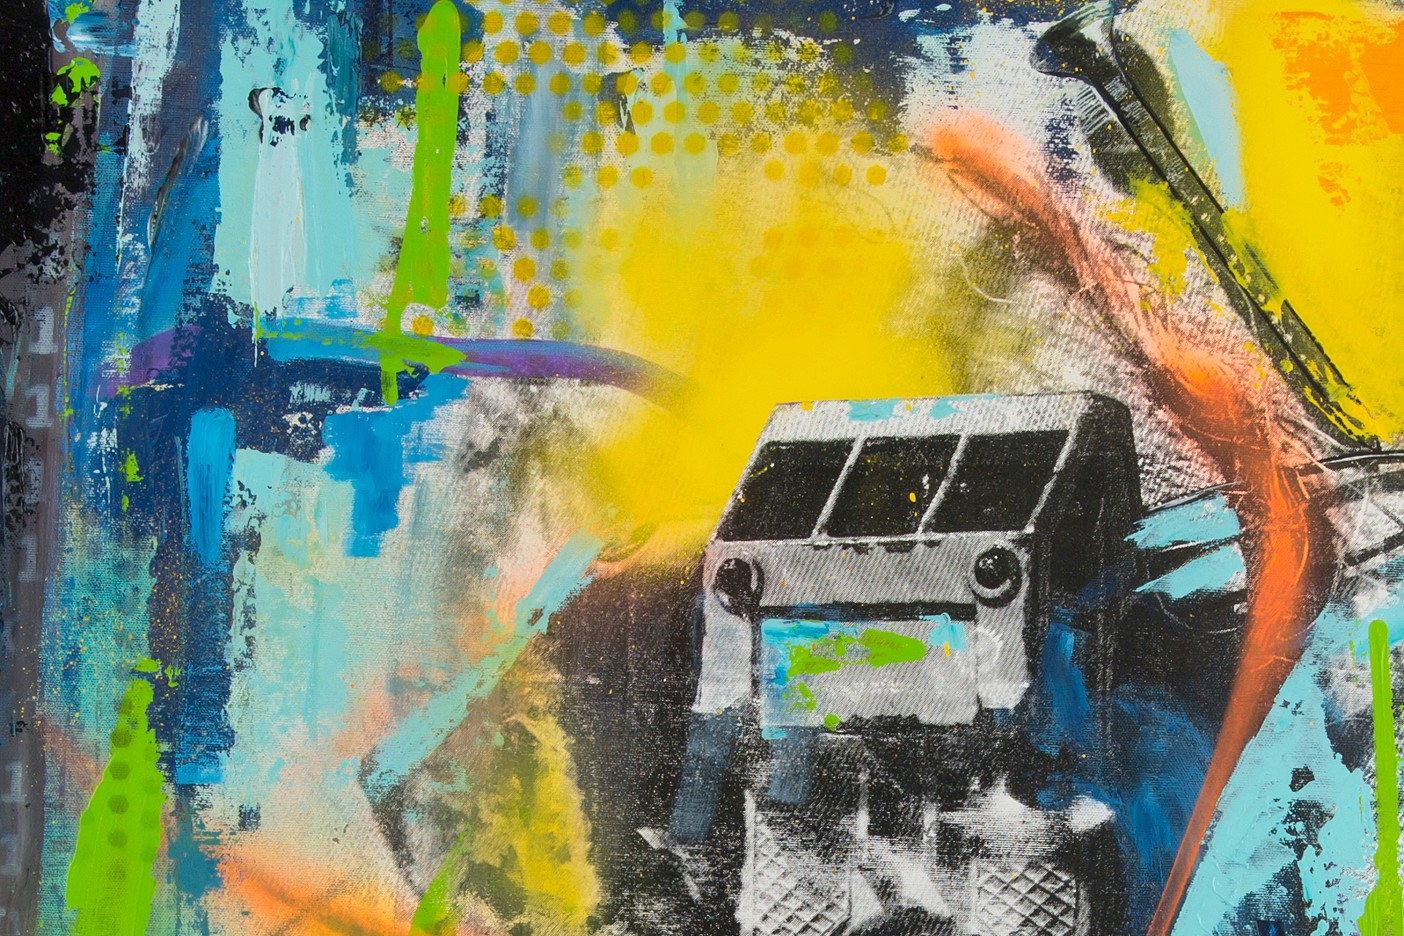 Abstrakt.Inhalt einer Hosentasche